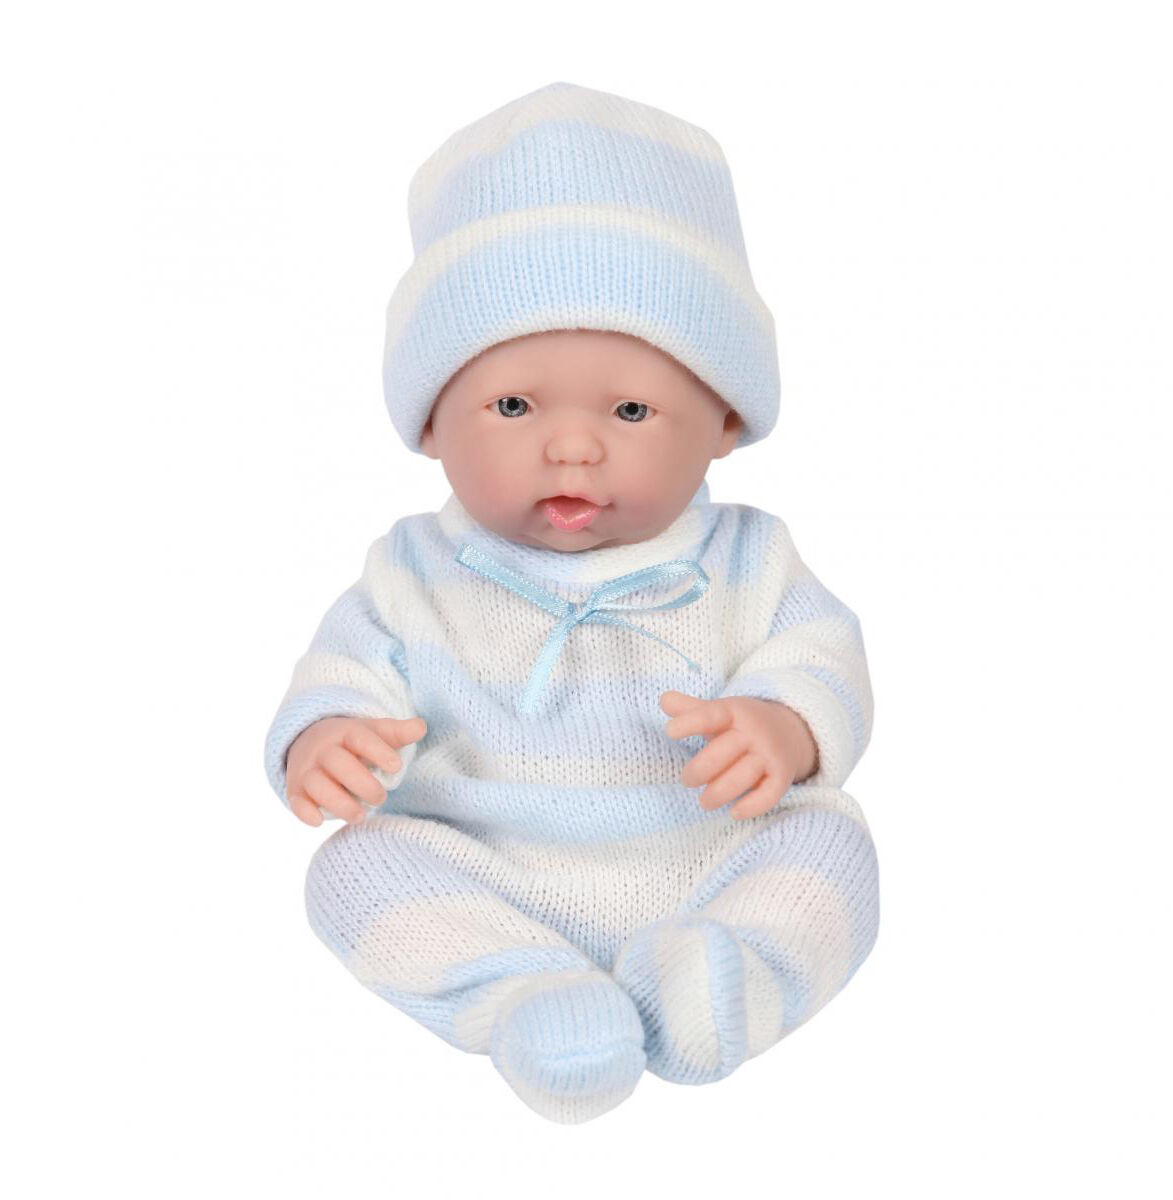 Jc Spielzeug Mini La Neugeborenes 24.1cm Berenguer Echt Boy mit Offenen Mouth